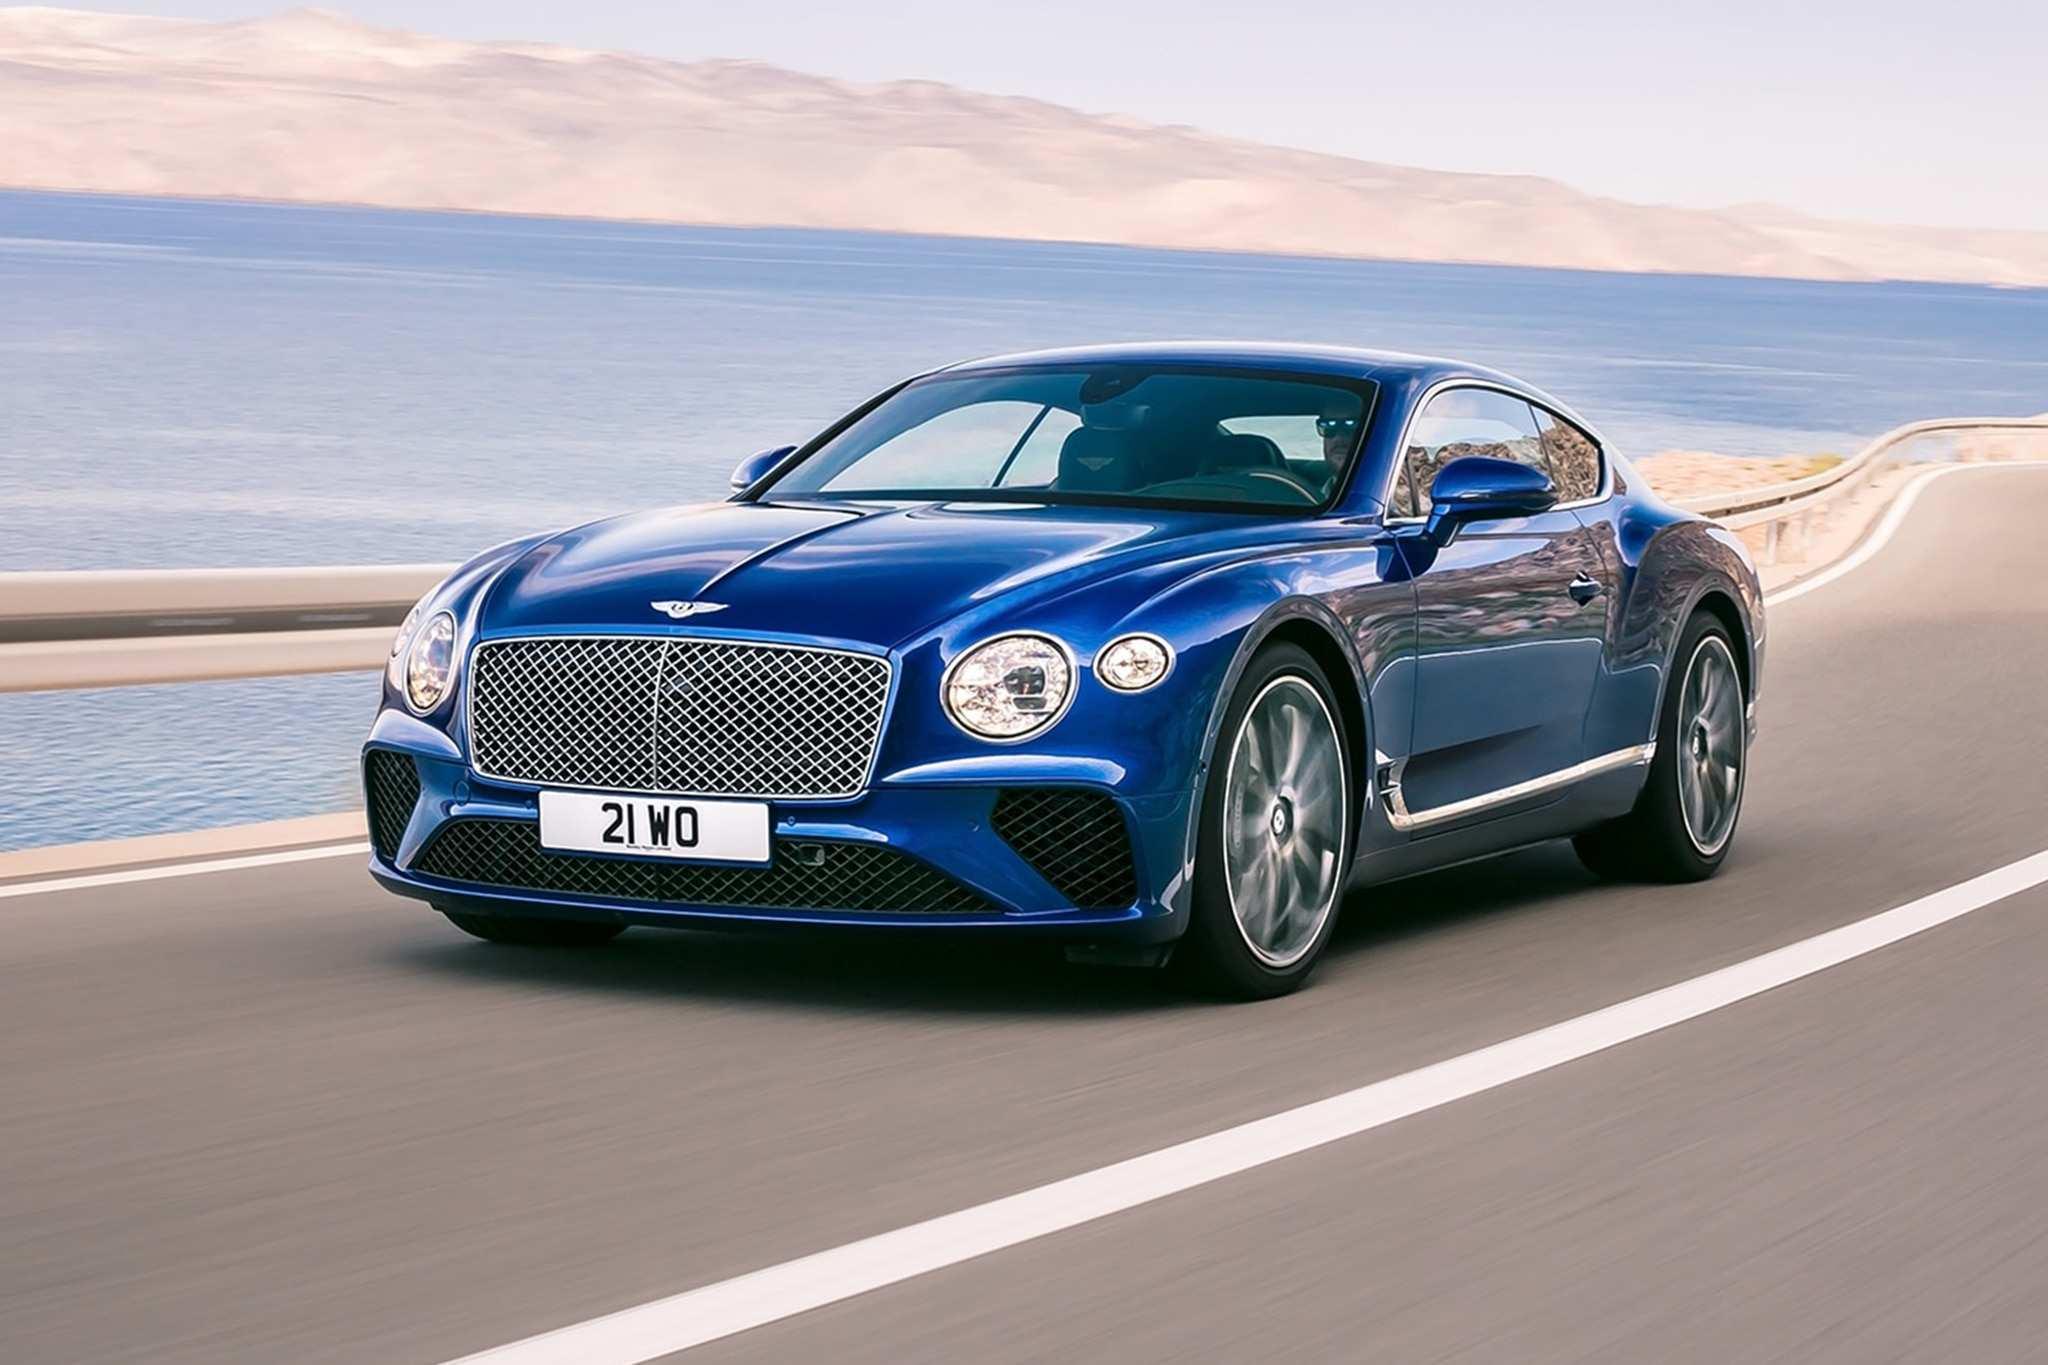 57 New 2019 Bentley Continental Gt Release Date Specs and Review by 2019 Bentley Continental Gt Release Date